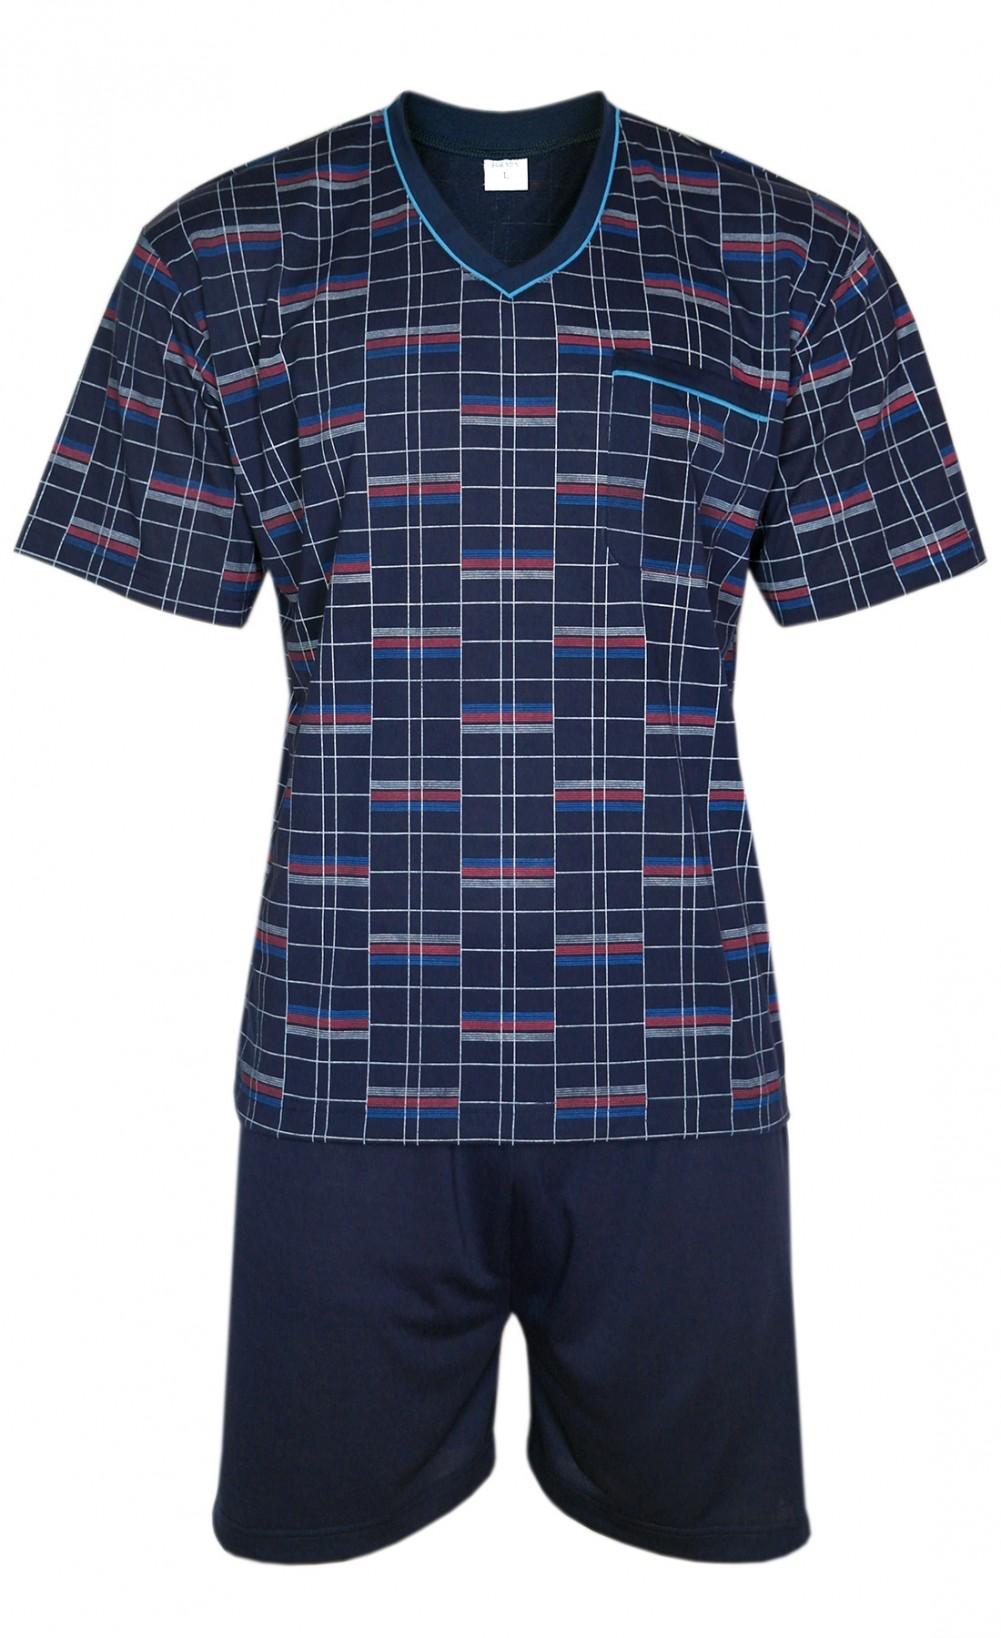 FORMEN - Kurzer Herrenschlafanzug, Pyjama mit Shorty 100% Baumwolle - Navy